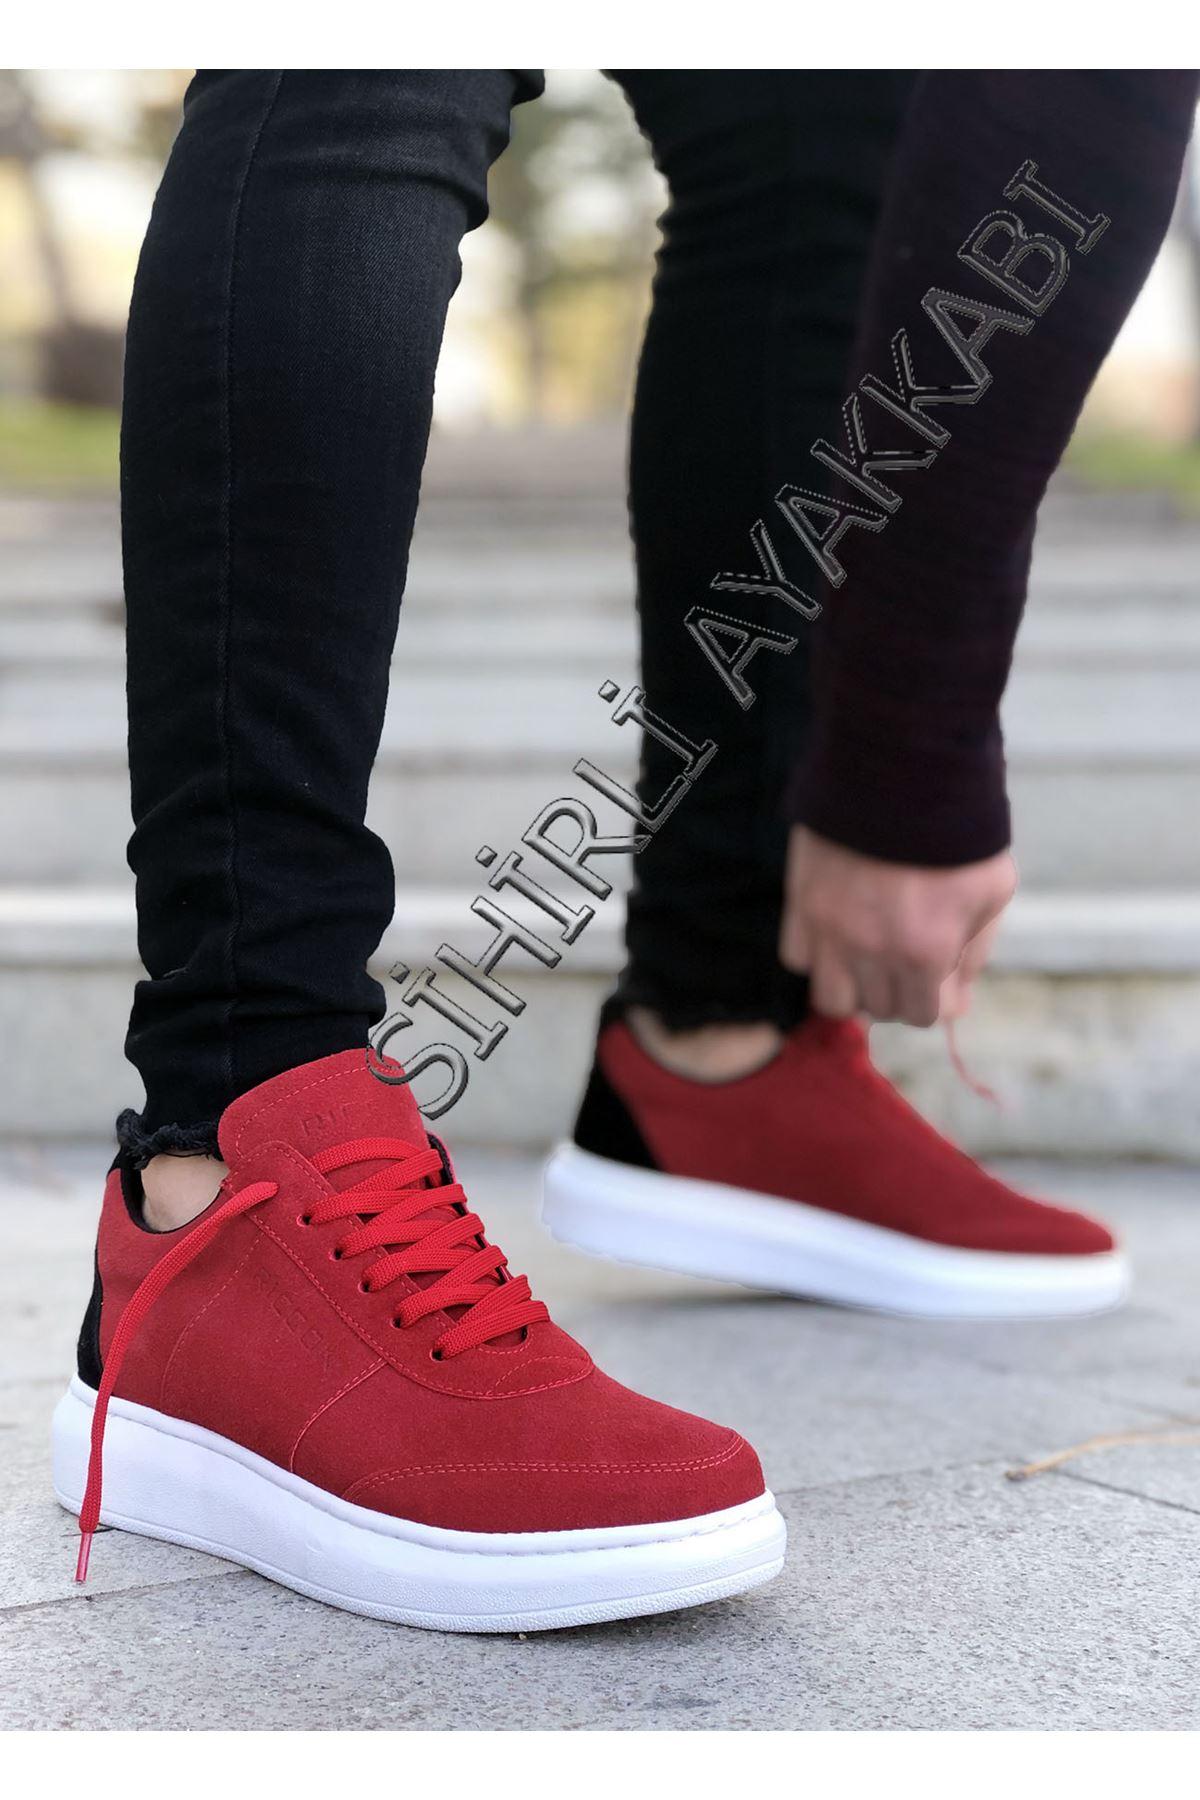 Boy Uzatan Kırmızı Süet Yüksek Taban Erkek Spor Ayakkabı Ricc